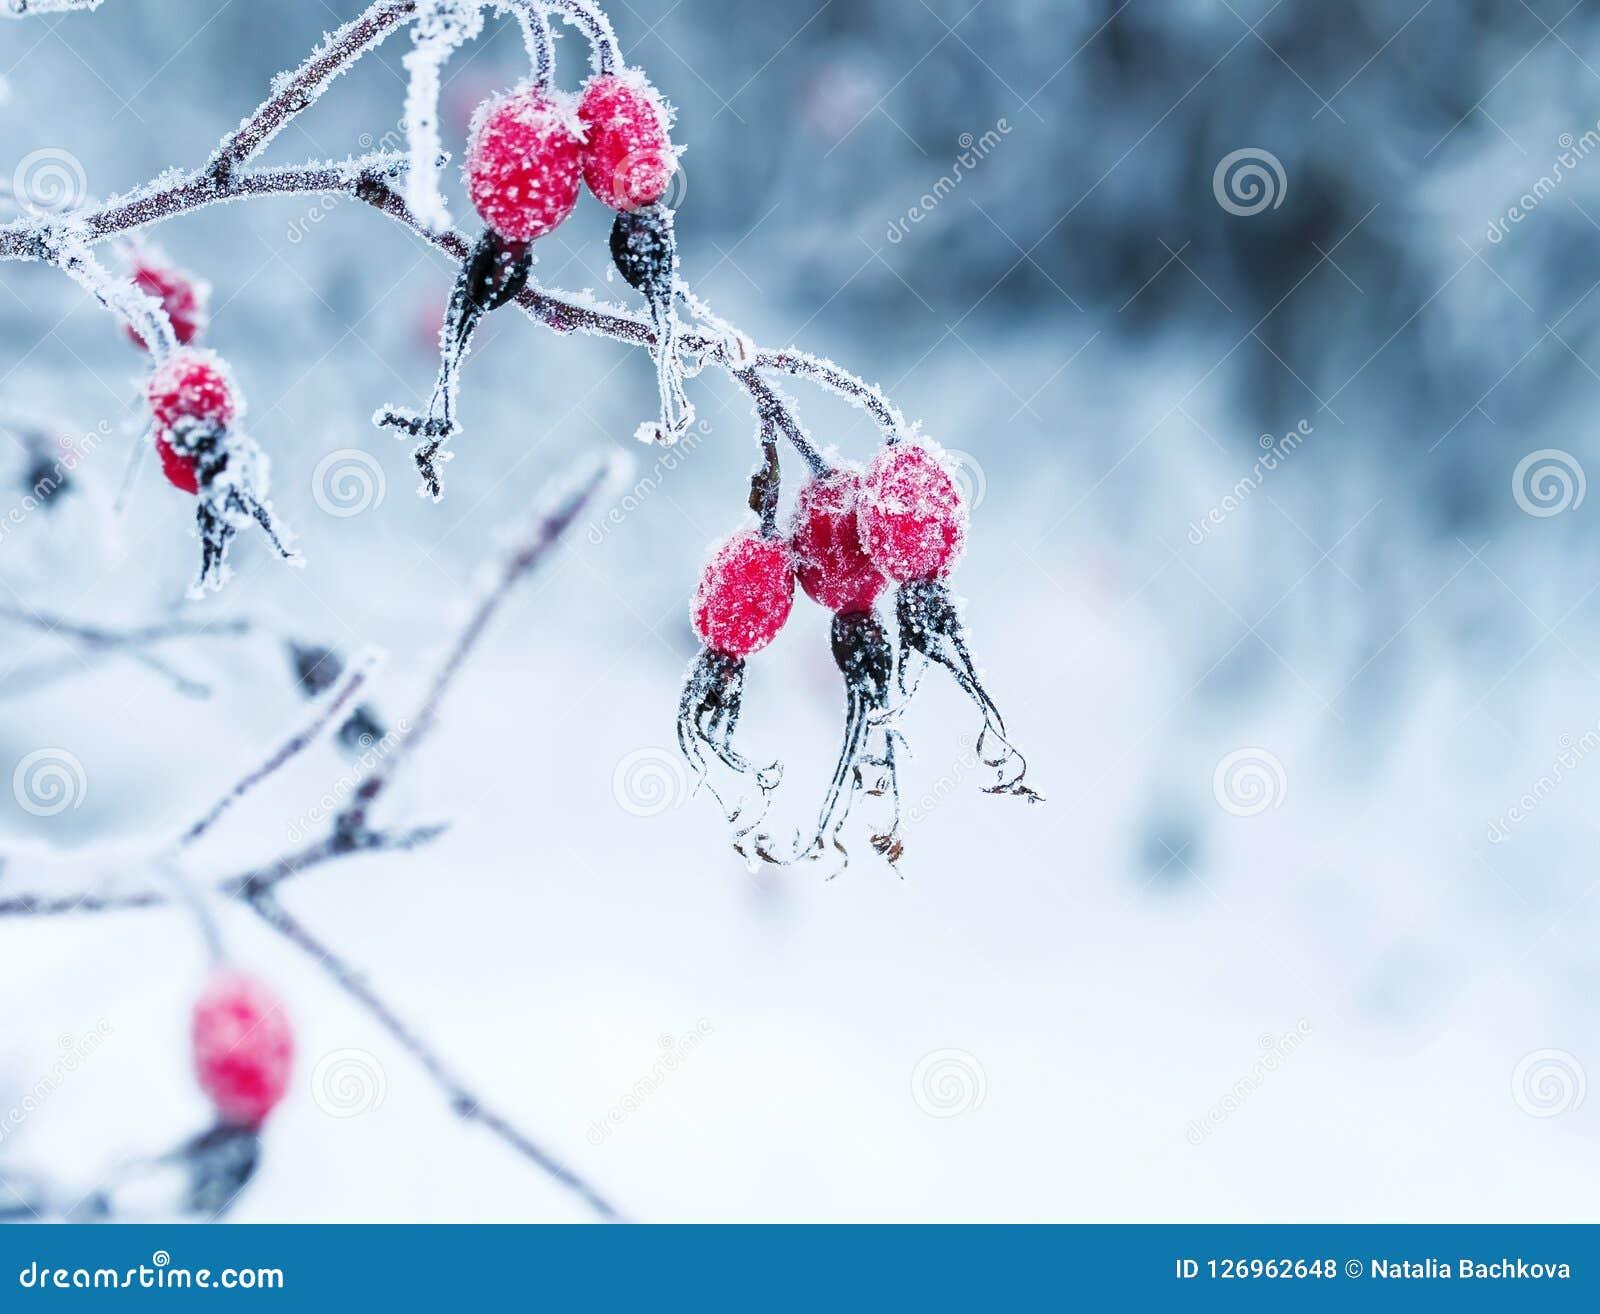 Bagas vermelhas suculentas do rosehip que penduram no wintergarden coberto